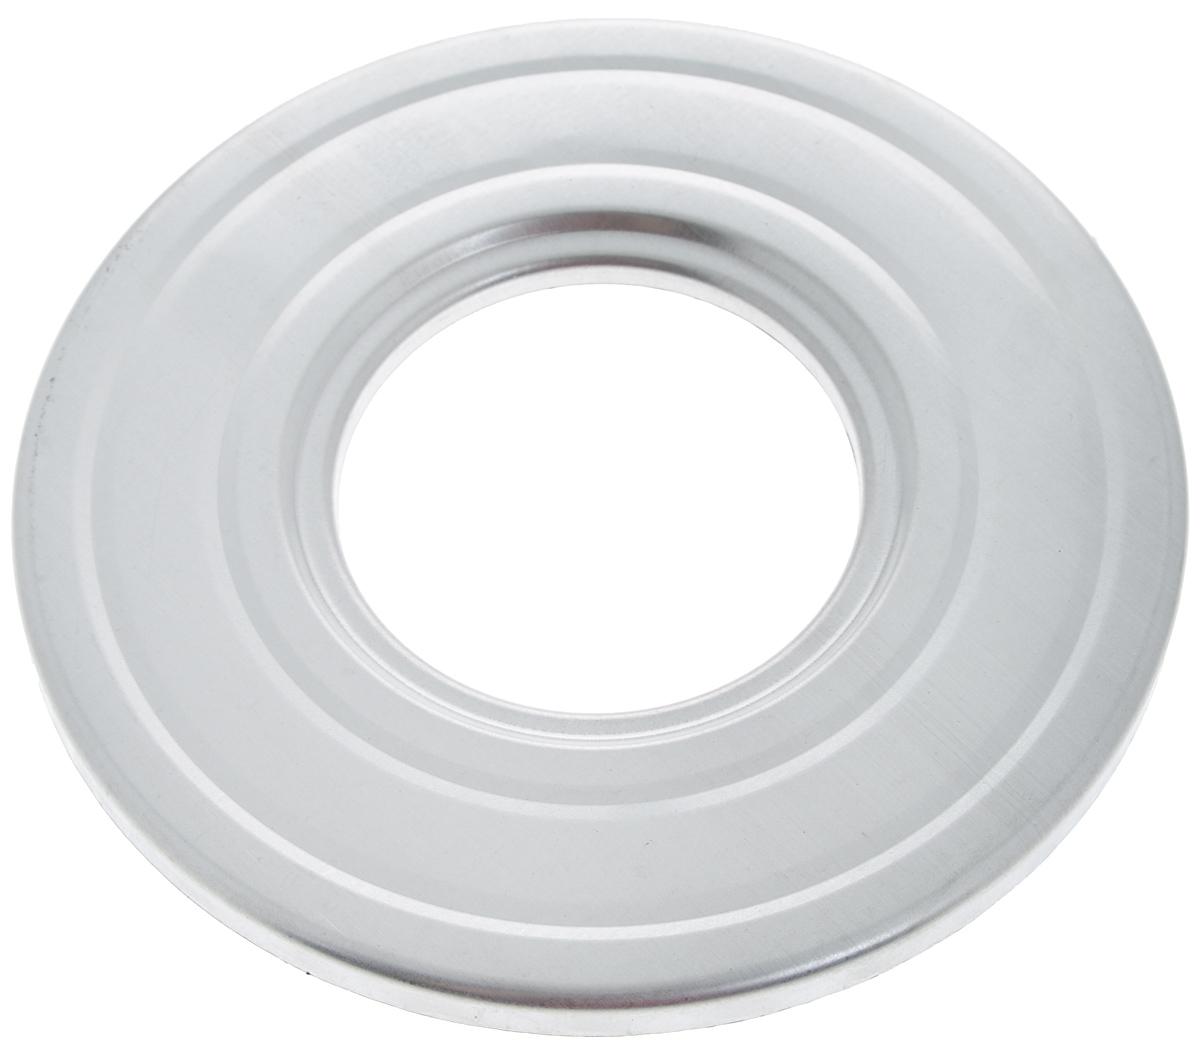 """Приспособление """"3М"""", изготовленное из алюминия, предназначено для быстрой и  эффективной стерилизации банок. Спелые помидоры,  сочные огурцы и перцы или сладкий джем и ароматное варенье - лучшие  источники витаминов в холодное время года! Диаметр отверстия для банки: 8,5 см."""